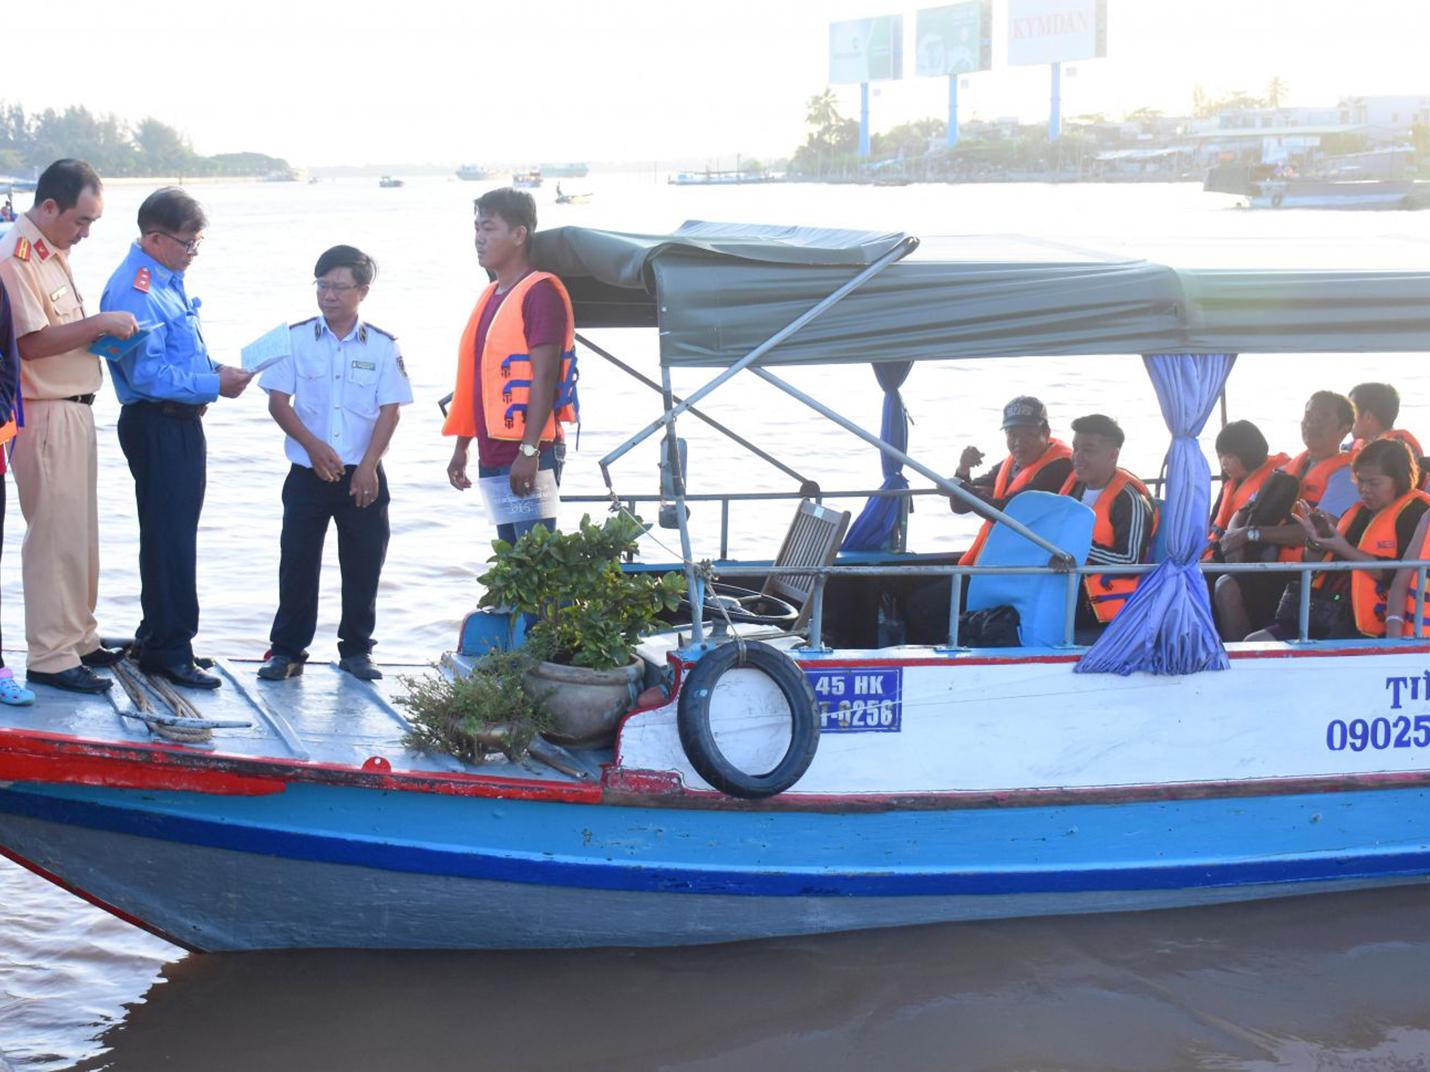 Các thành viên Đoàn liên ngành kiểm tra công tác bảo đảm trật tự an toàn giao thông ĐTNĐ tại bến tàu du lịch Bến Ninh Kiều.